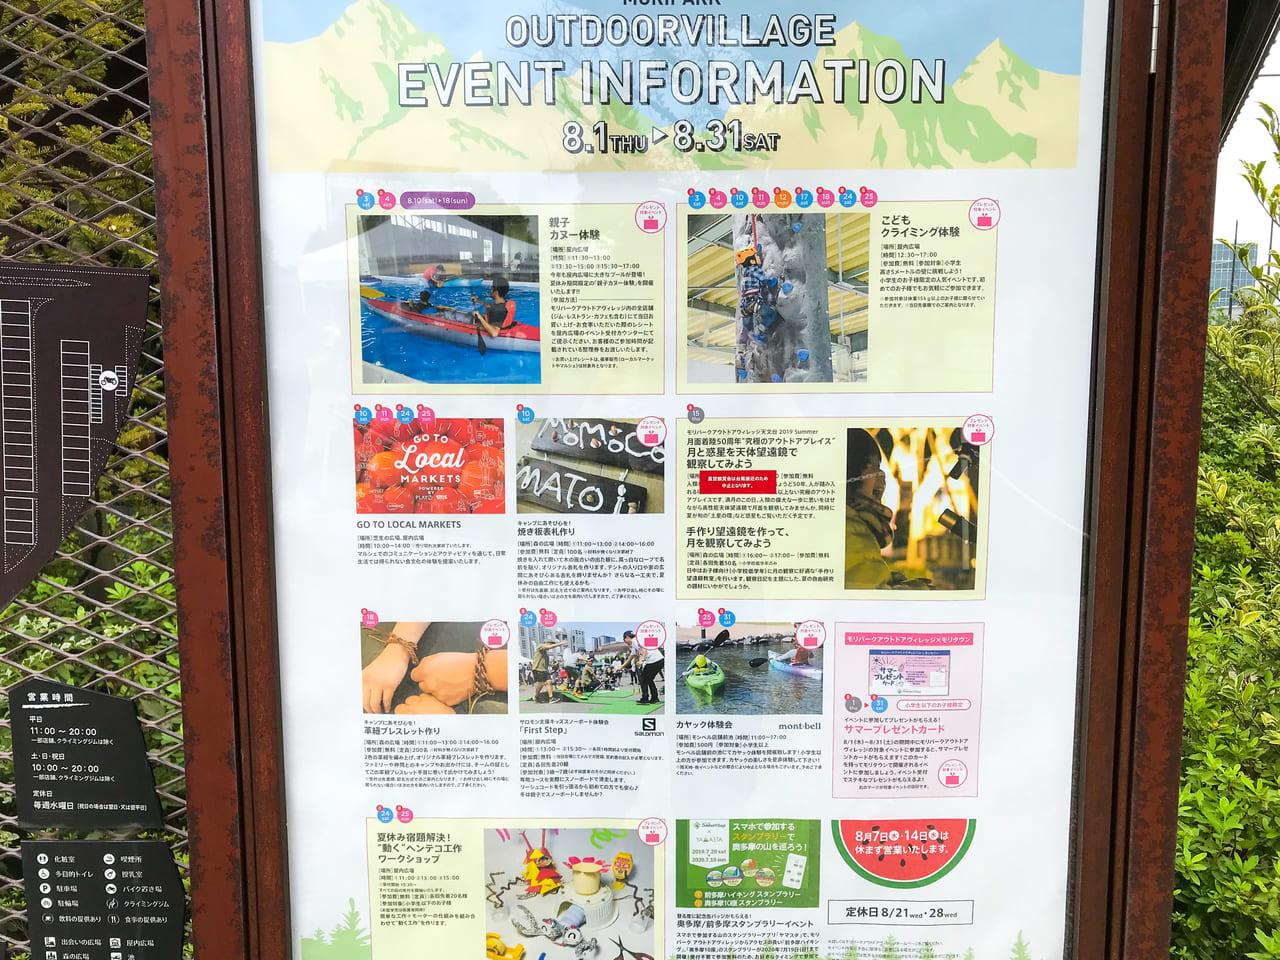 /施設内の看板に今月のイベント情報が展示されている